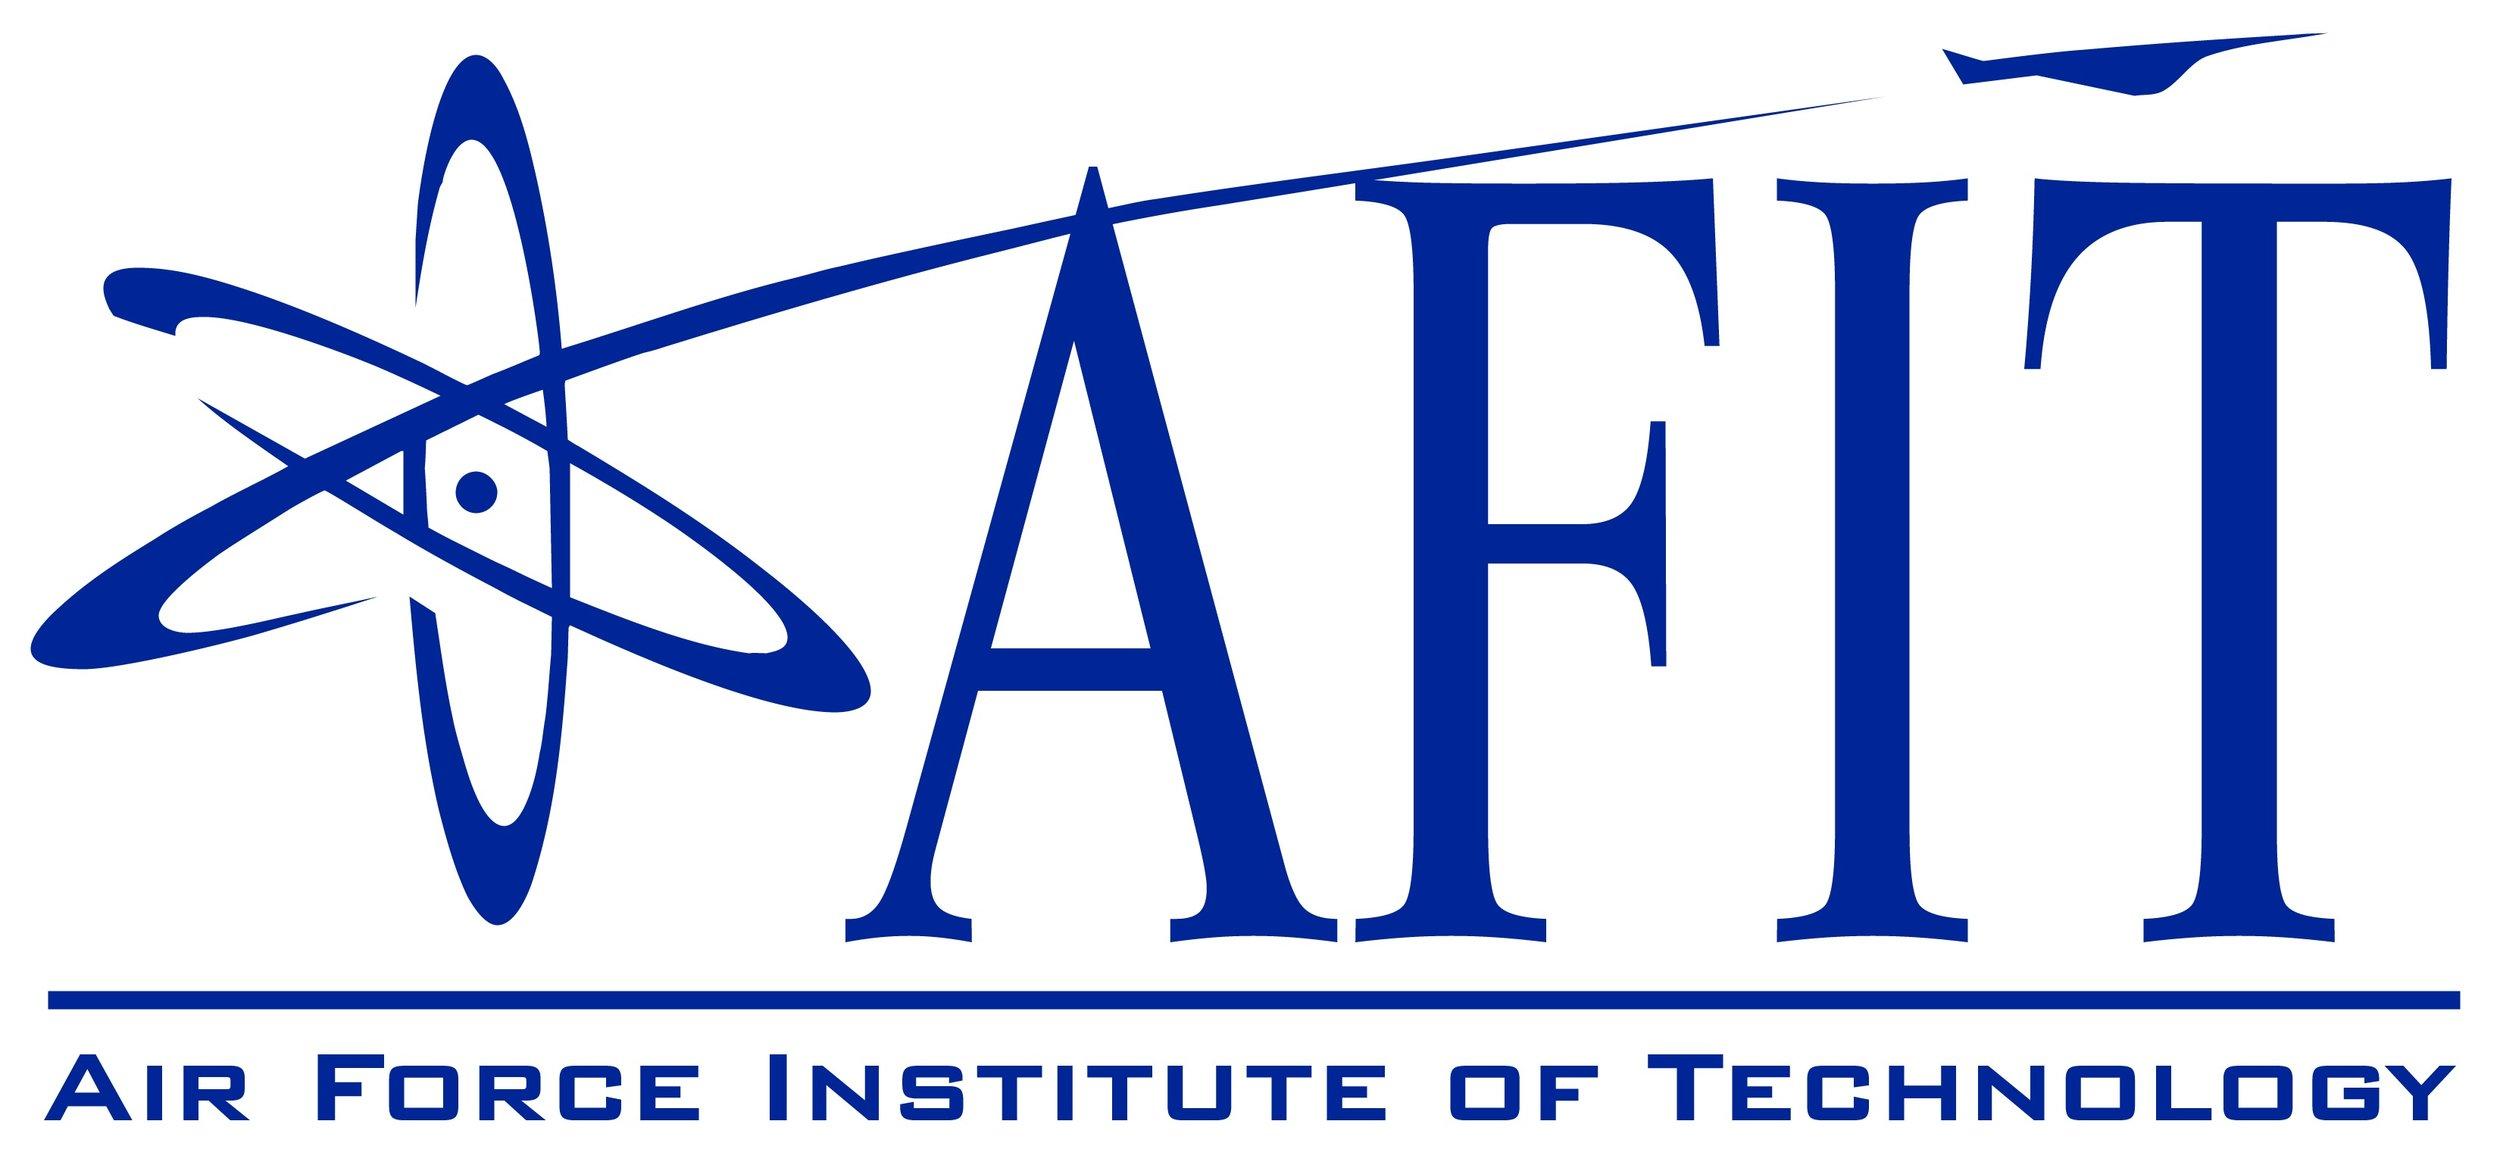 AFIT_Logo.JPG